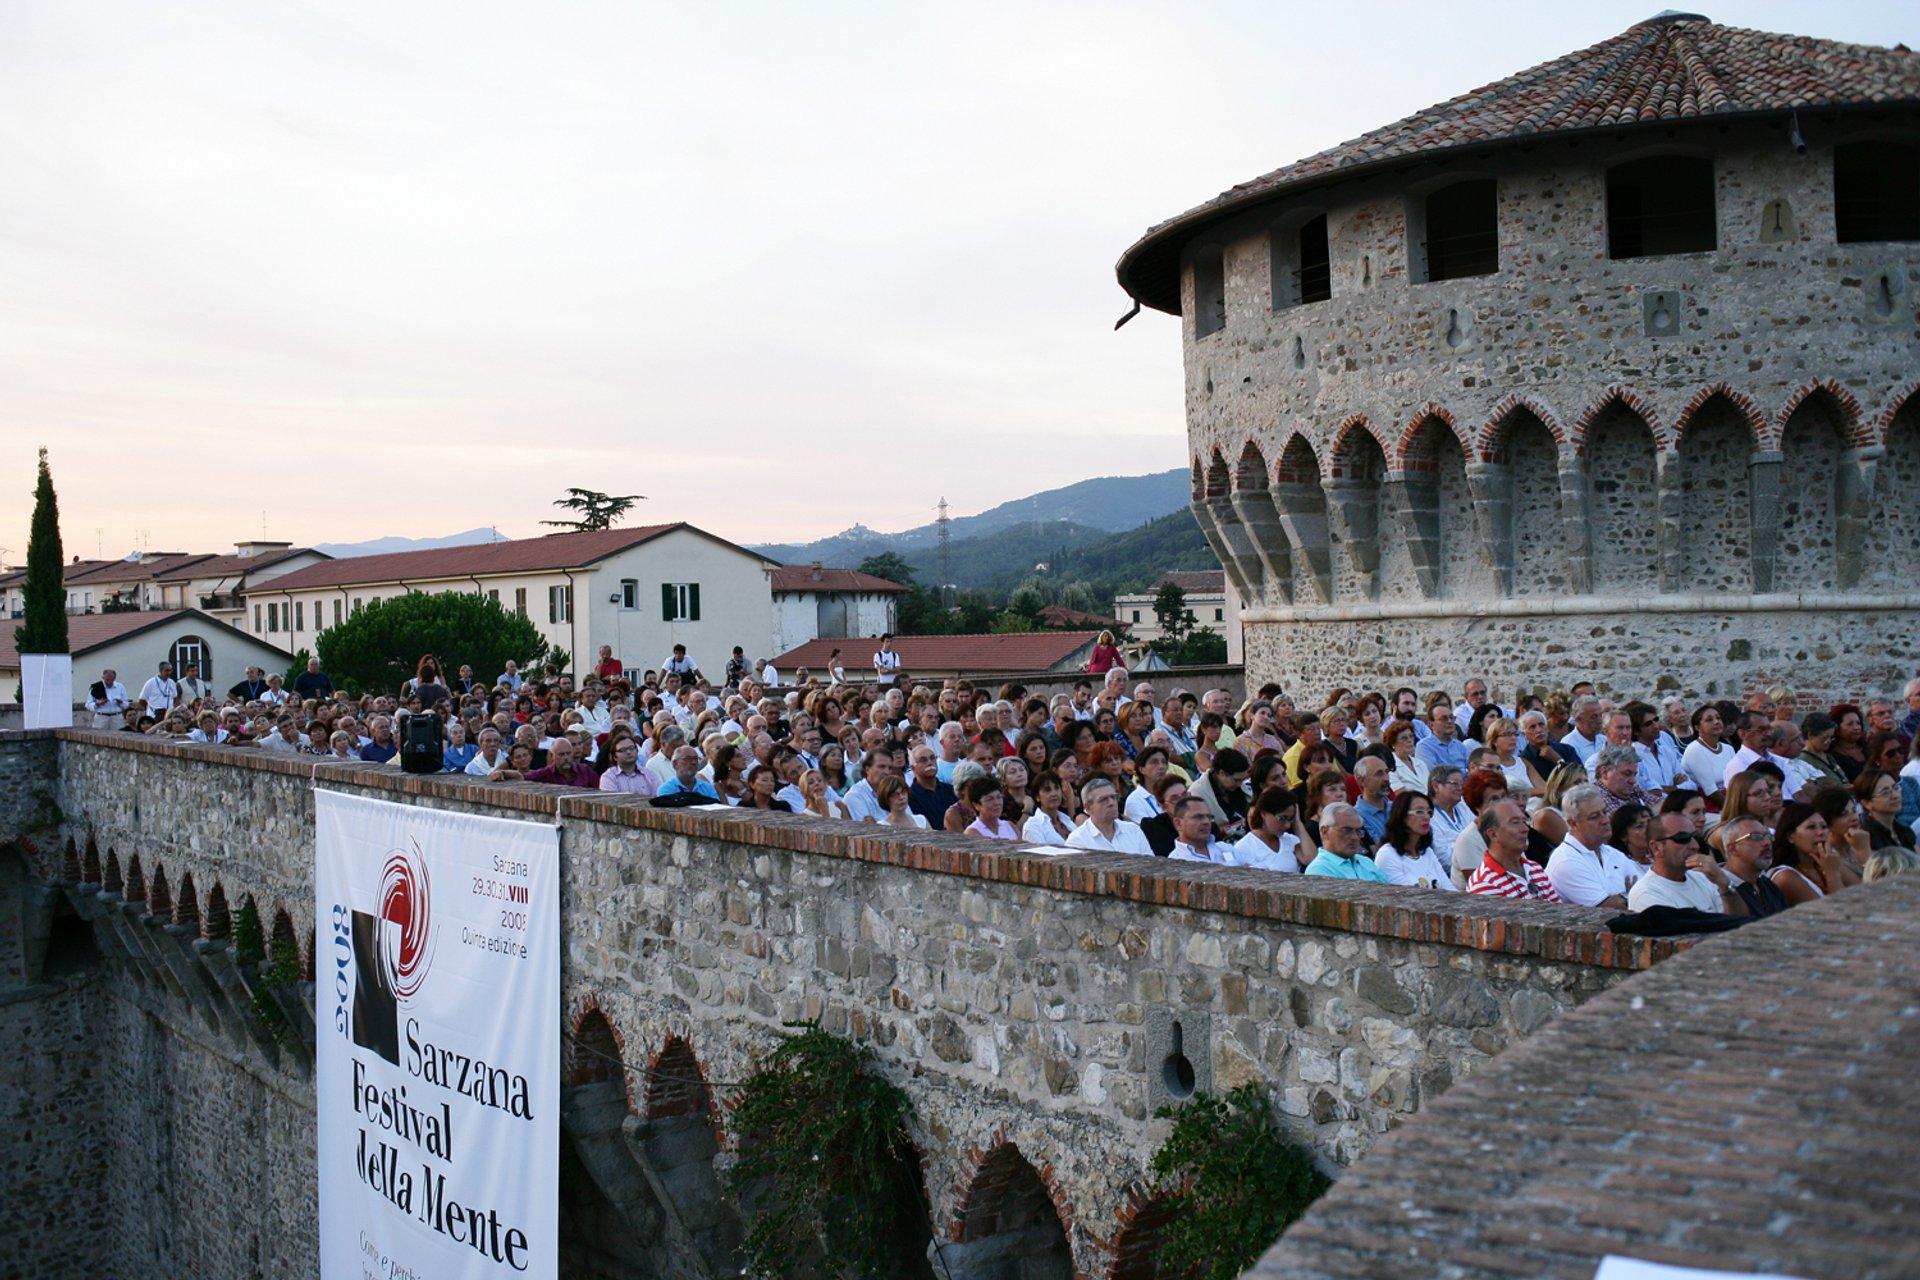 Festival della Mente in Italy 2020 - Best Time